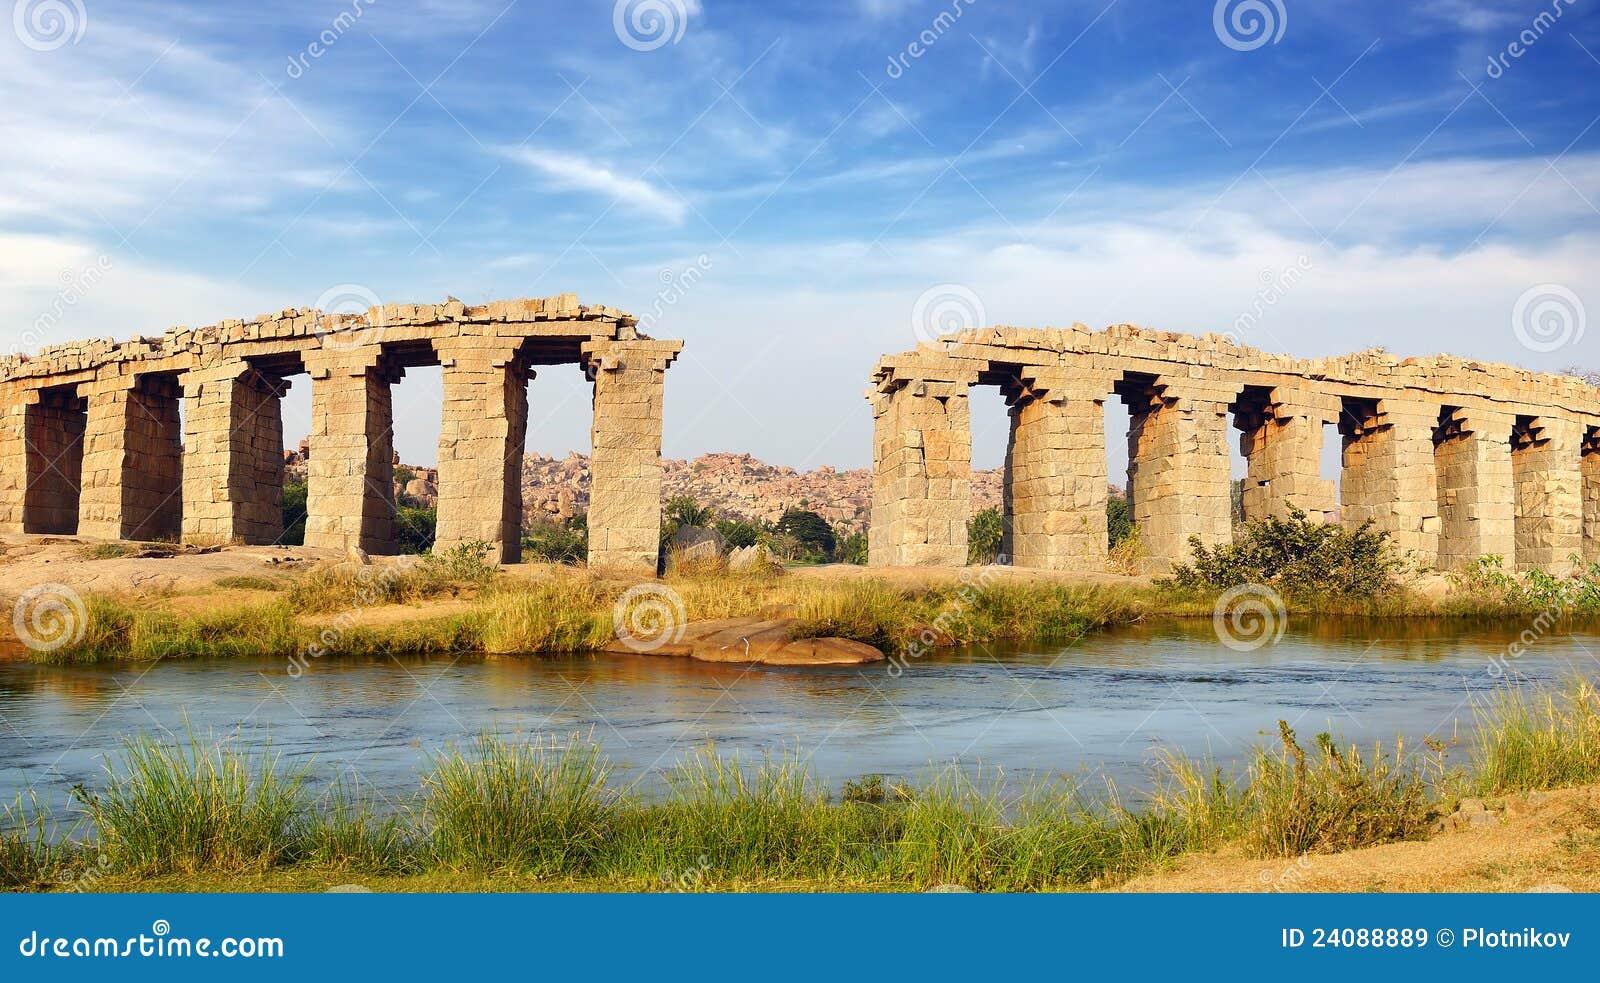 Ruins of ancient bridge. Hampi, India.